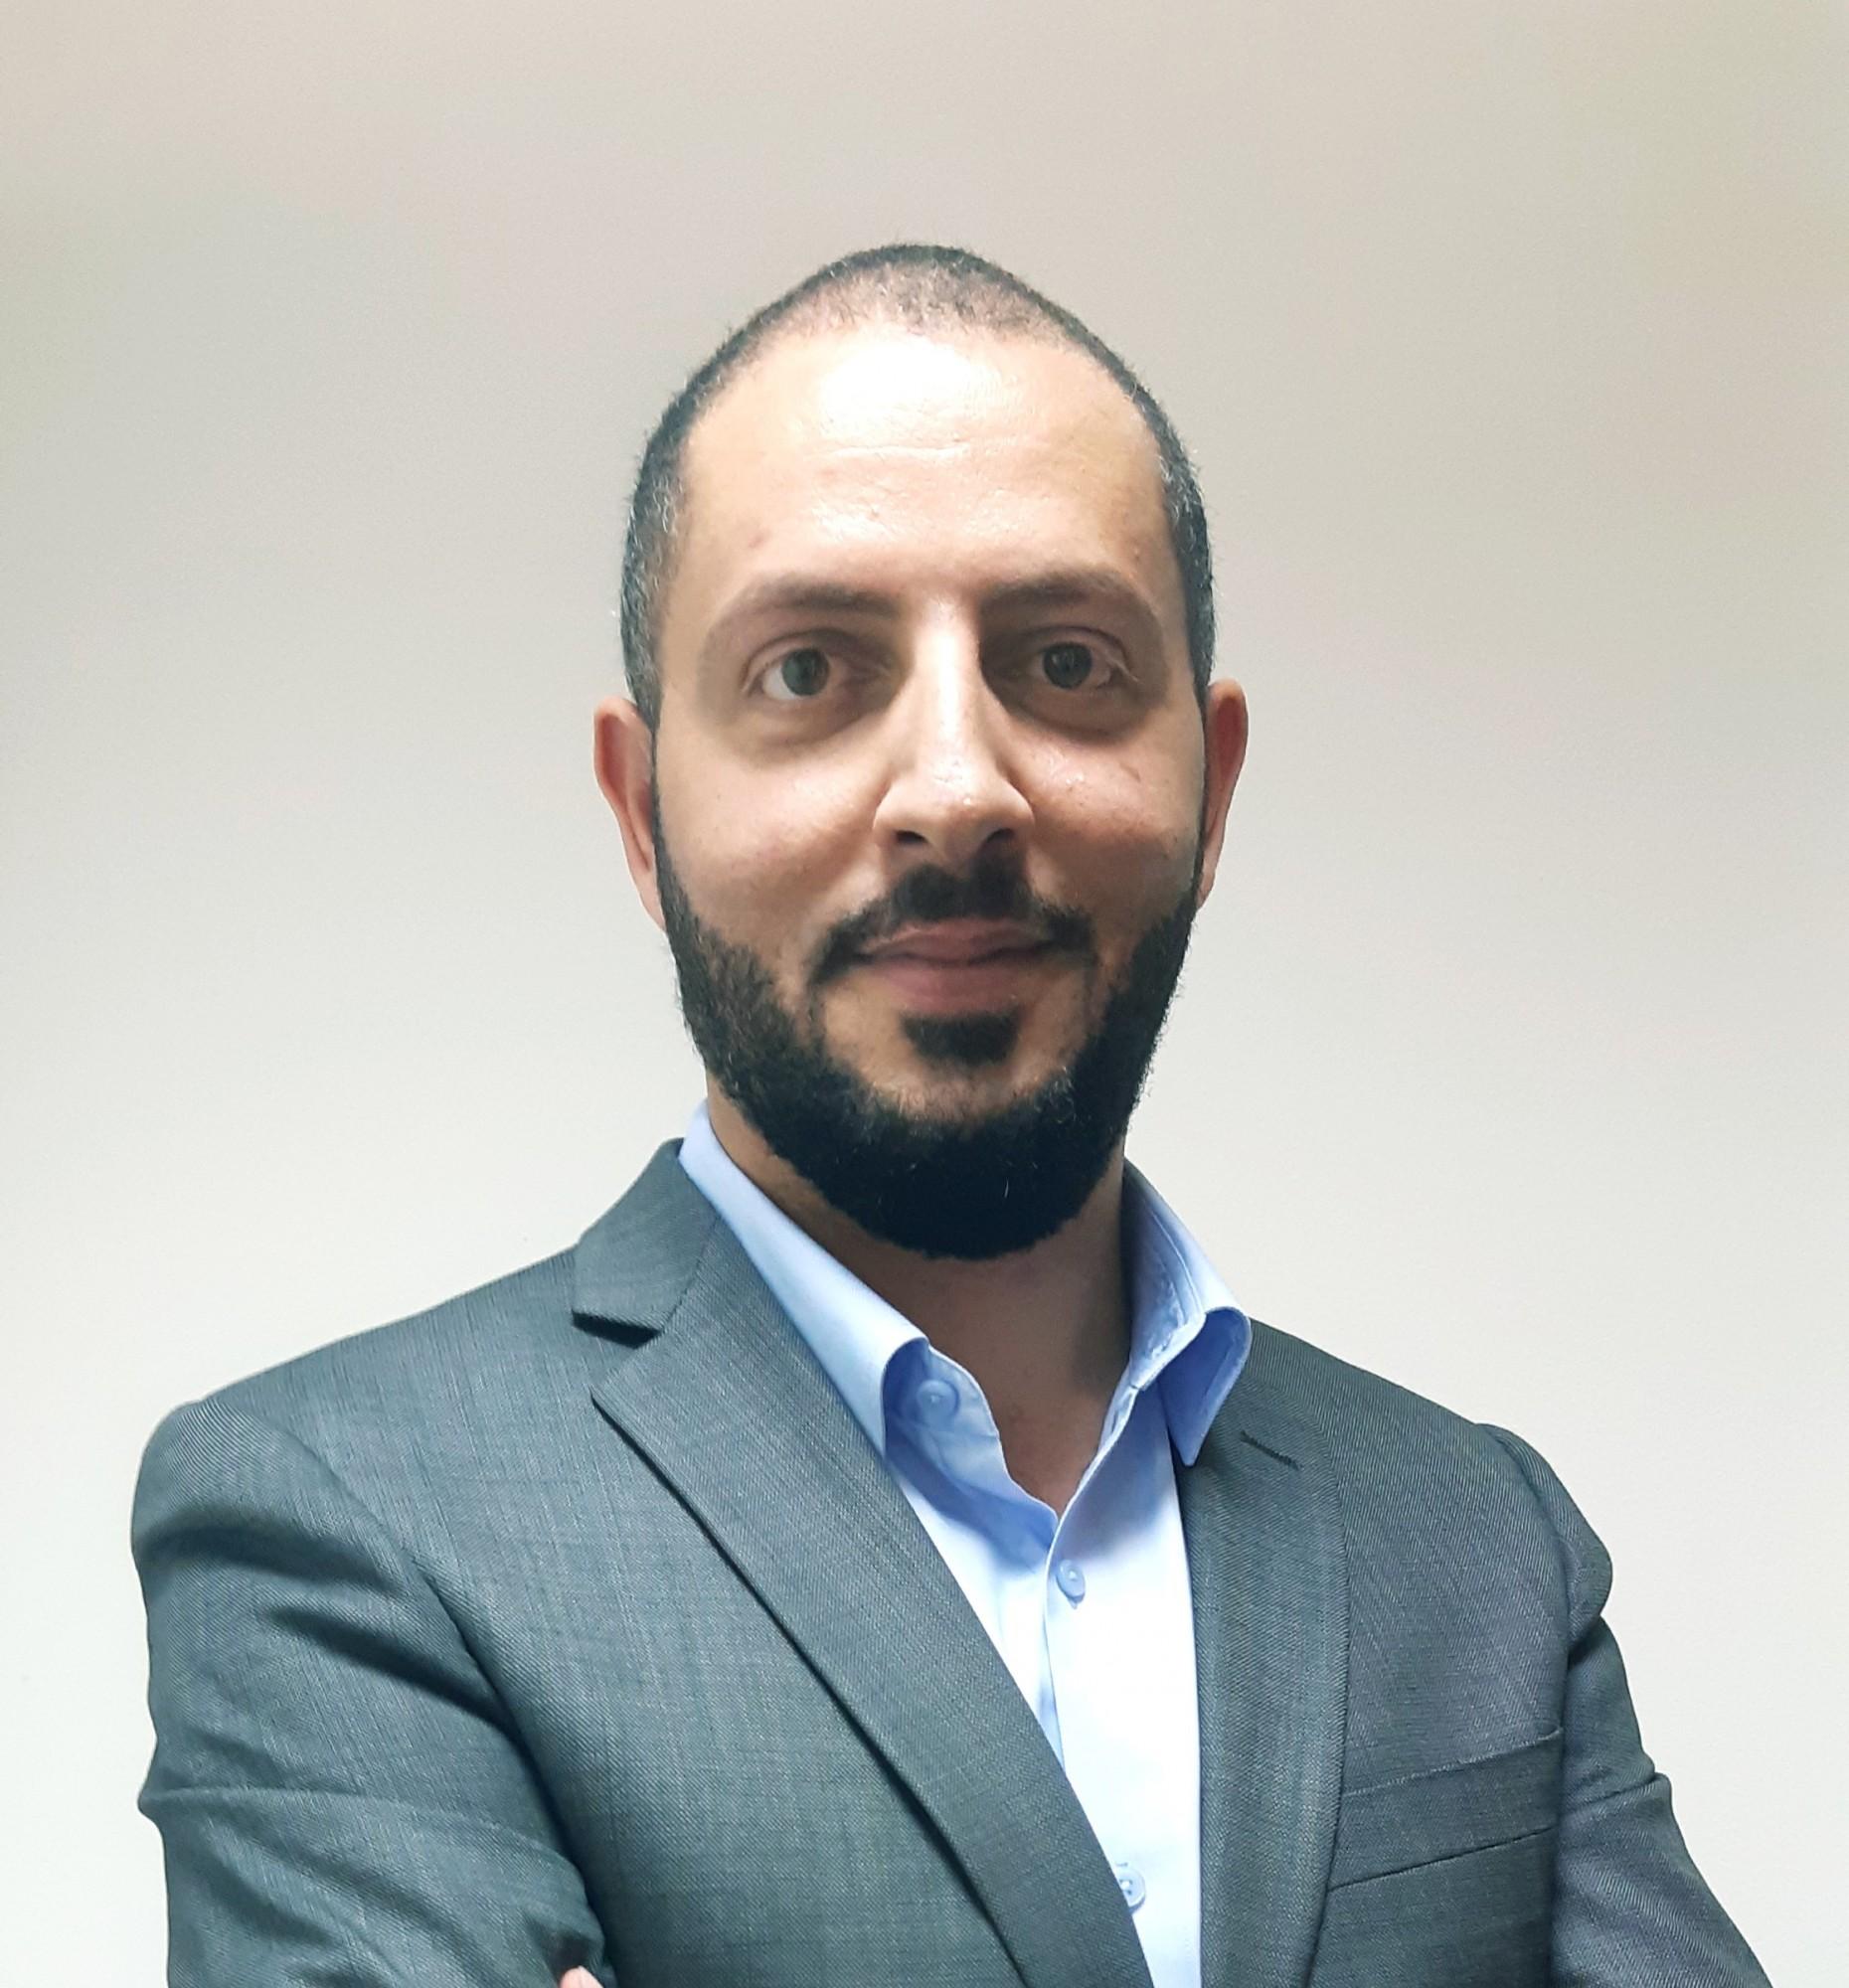 Soubhi Saleh